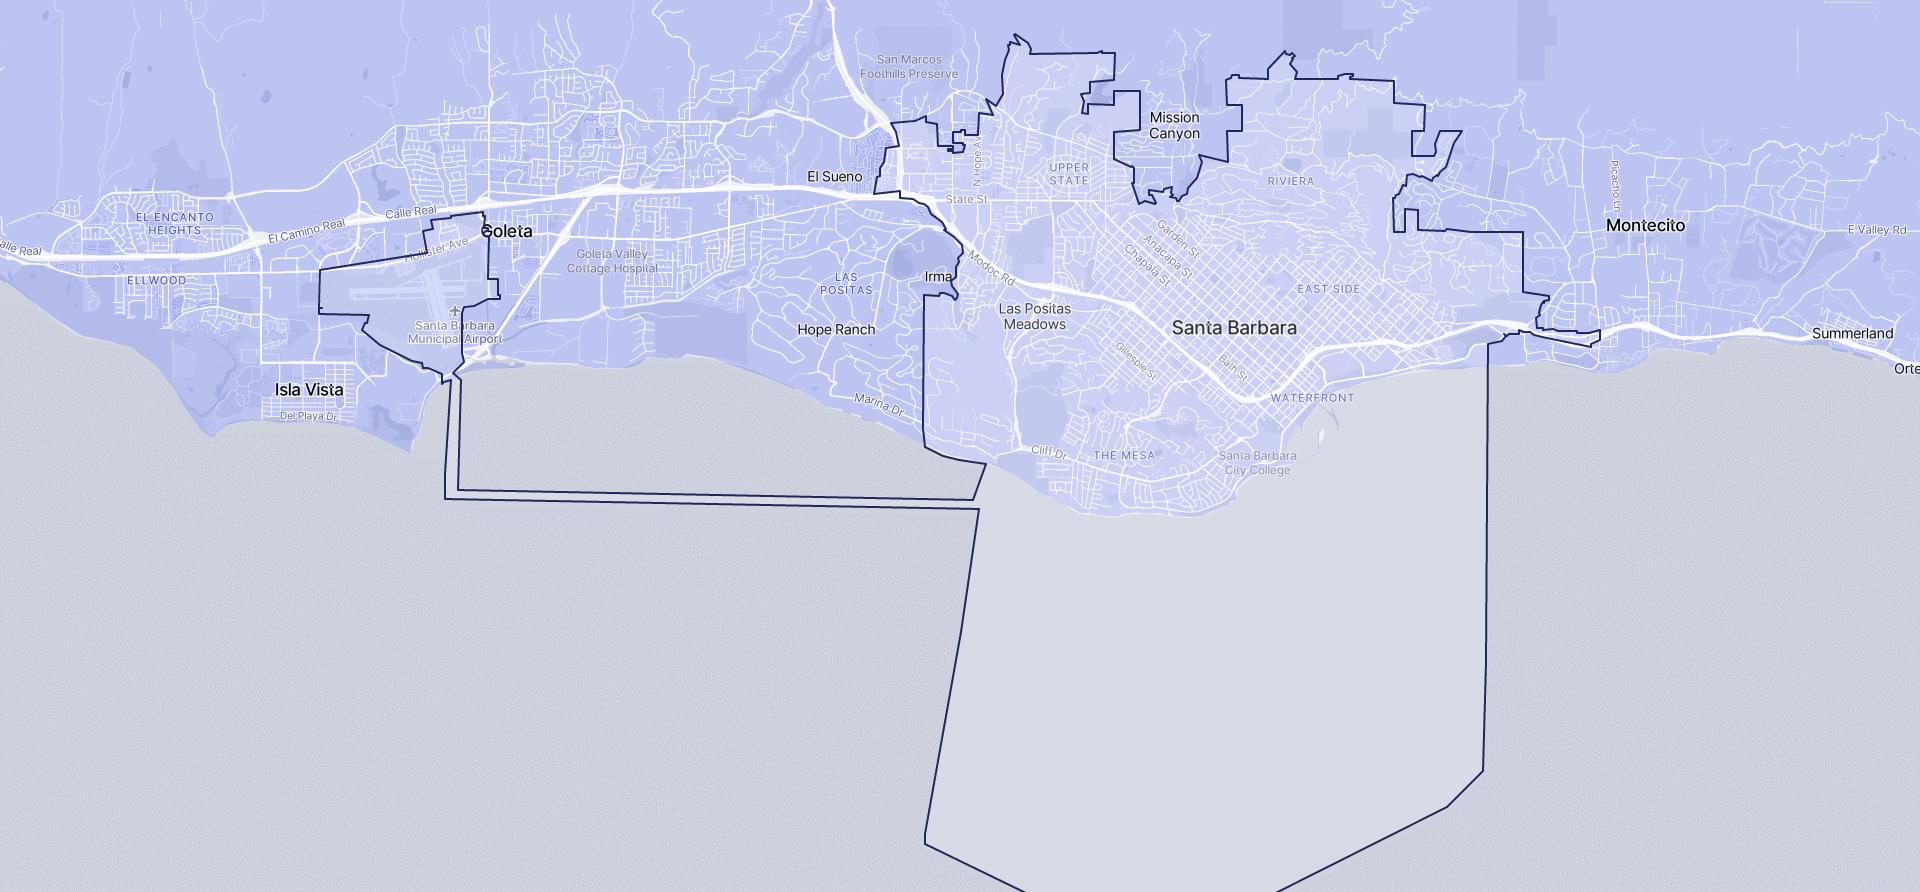 Image of Santa Barbara boundaries on a map.